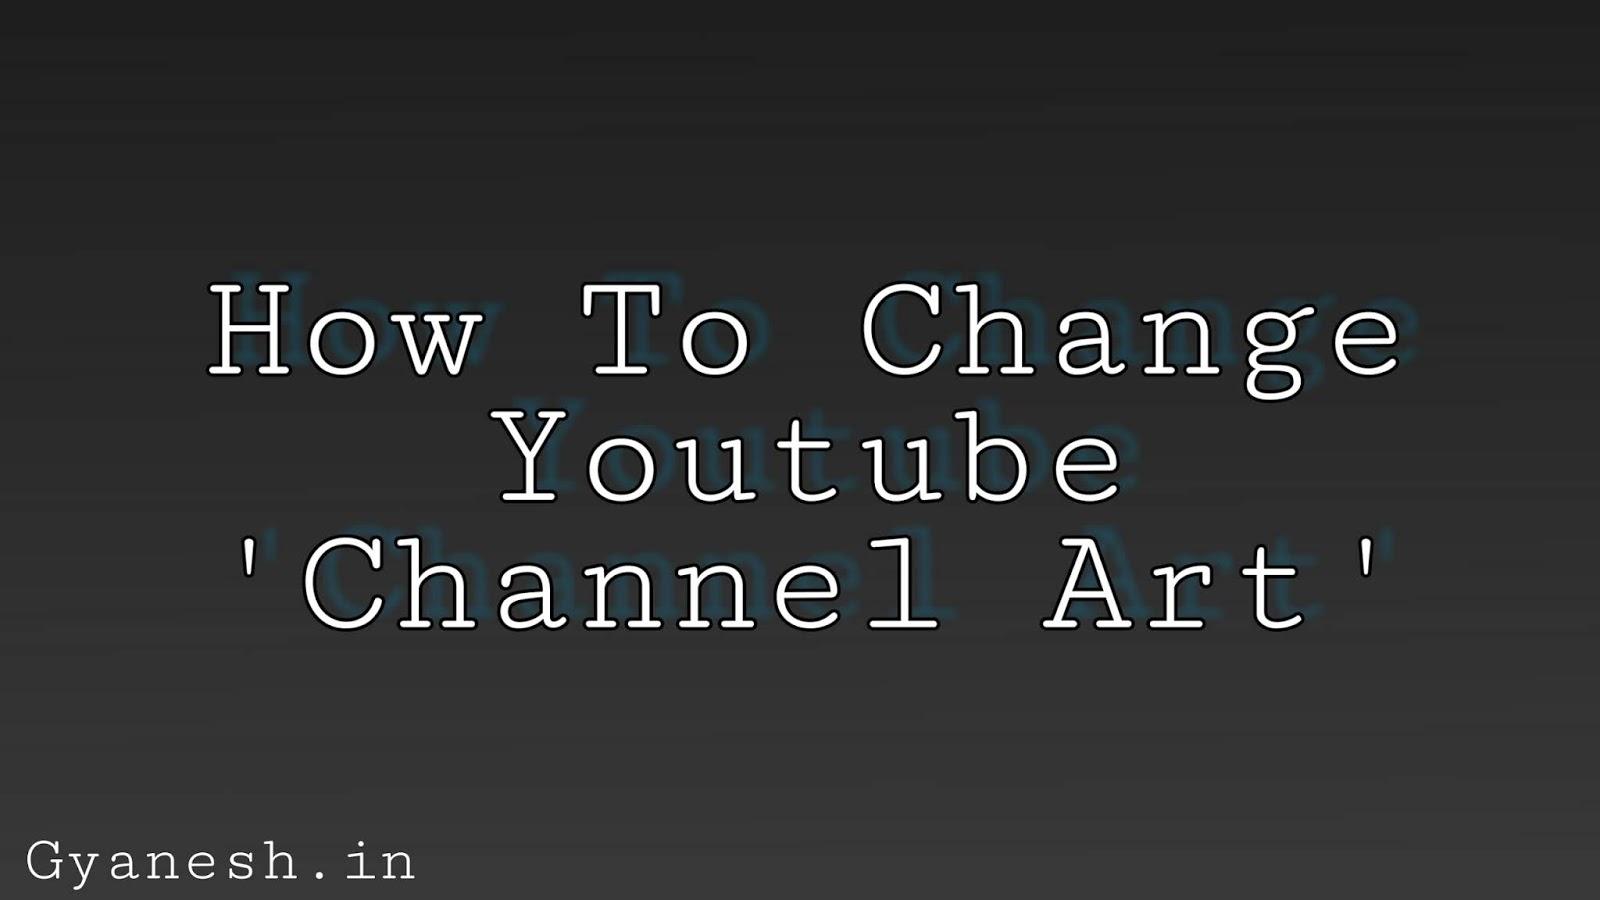 YouTube चैनल आर्ट क्या है, इसे कैसे बदलें?